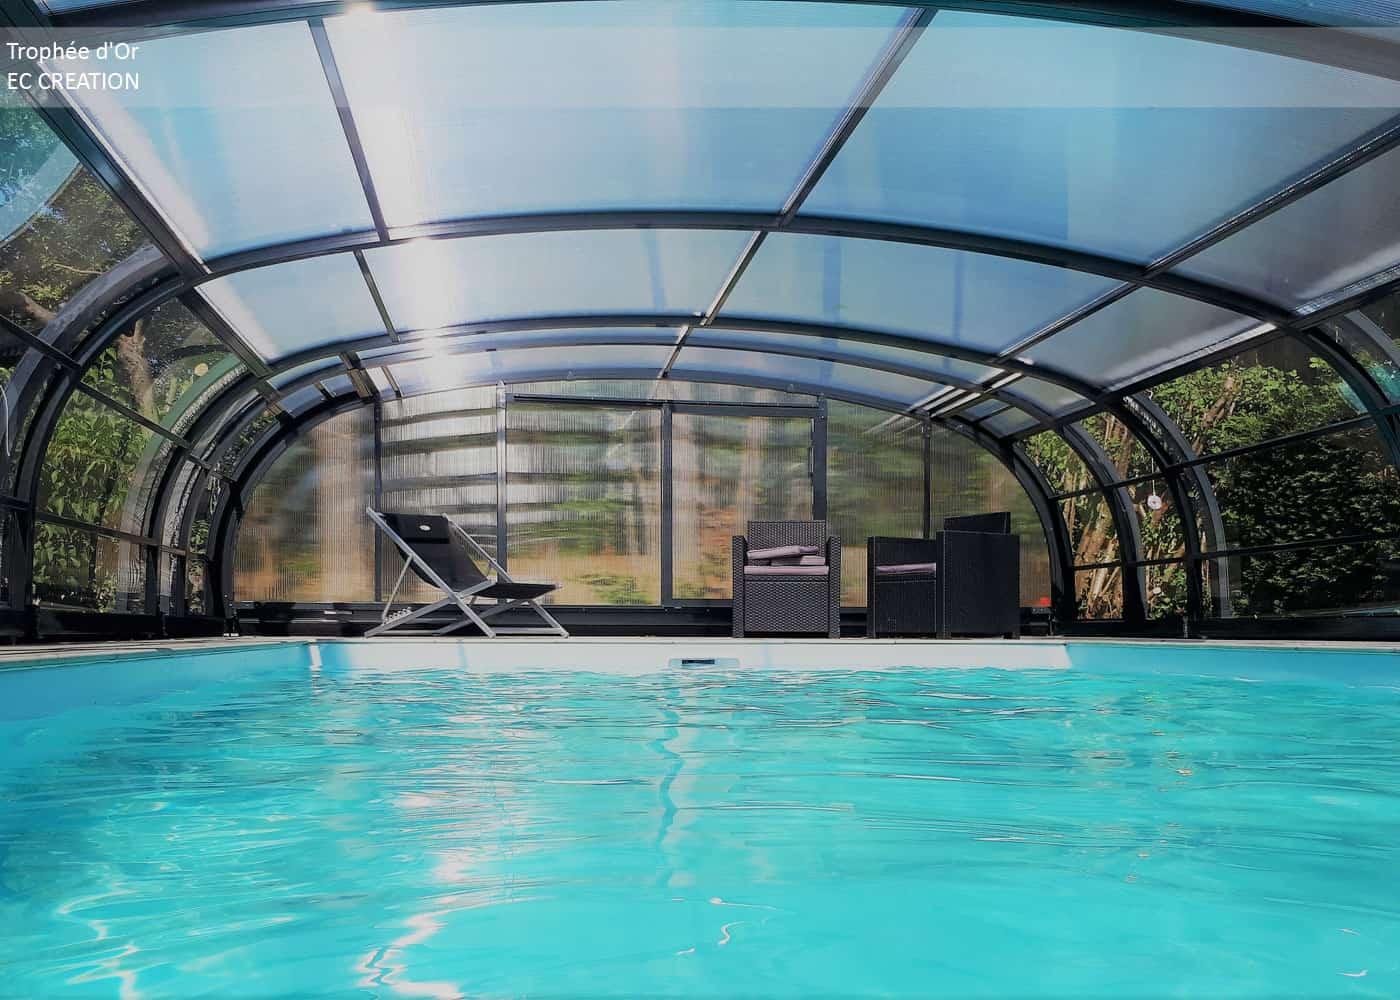 La saison des baignades : c'est toute l'année avec les abris de piscines !